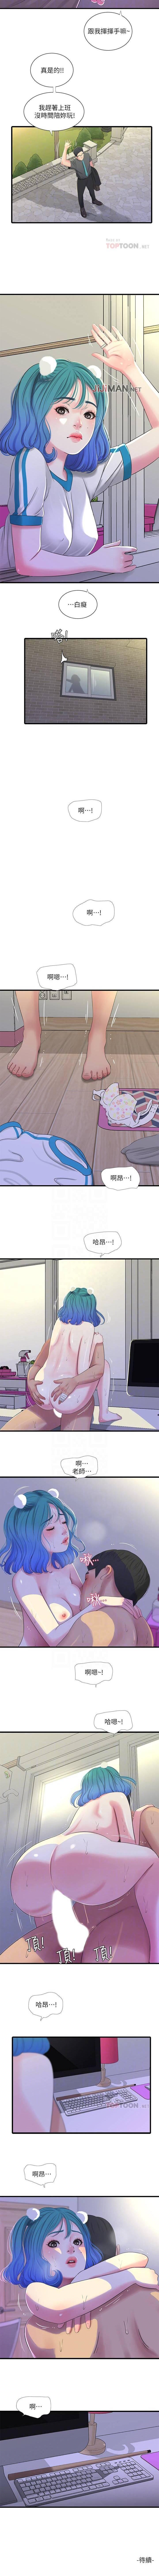 【周四连载】亲家四姐妹(作者:愛摸) 第1~37话 156